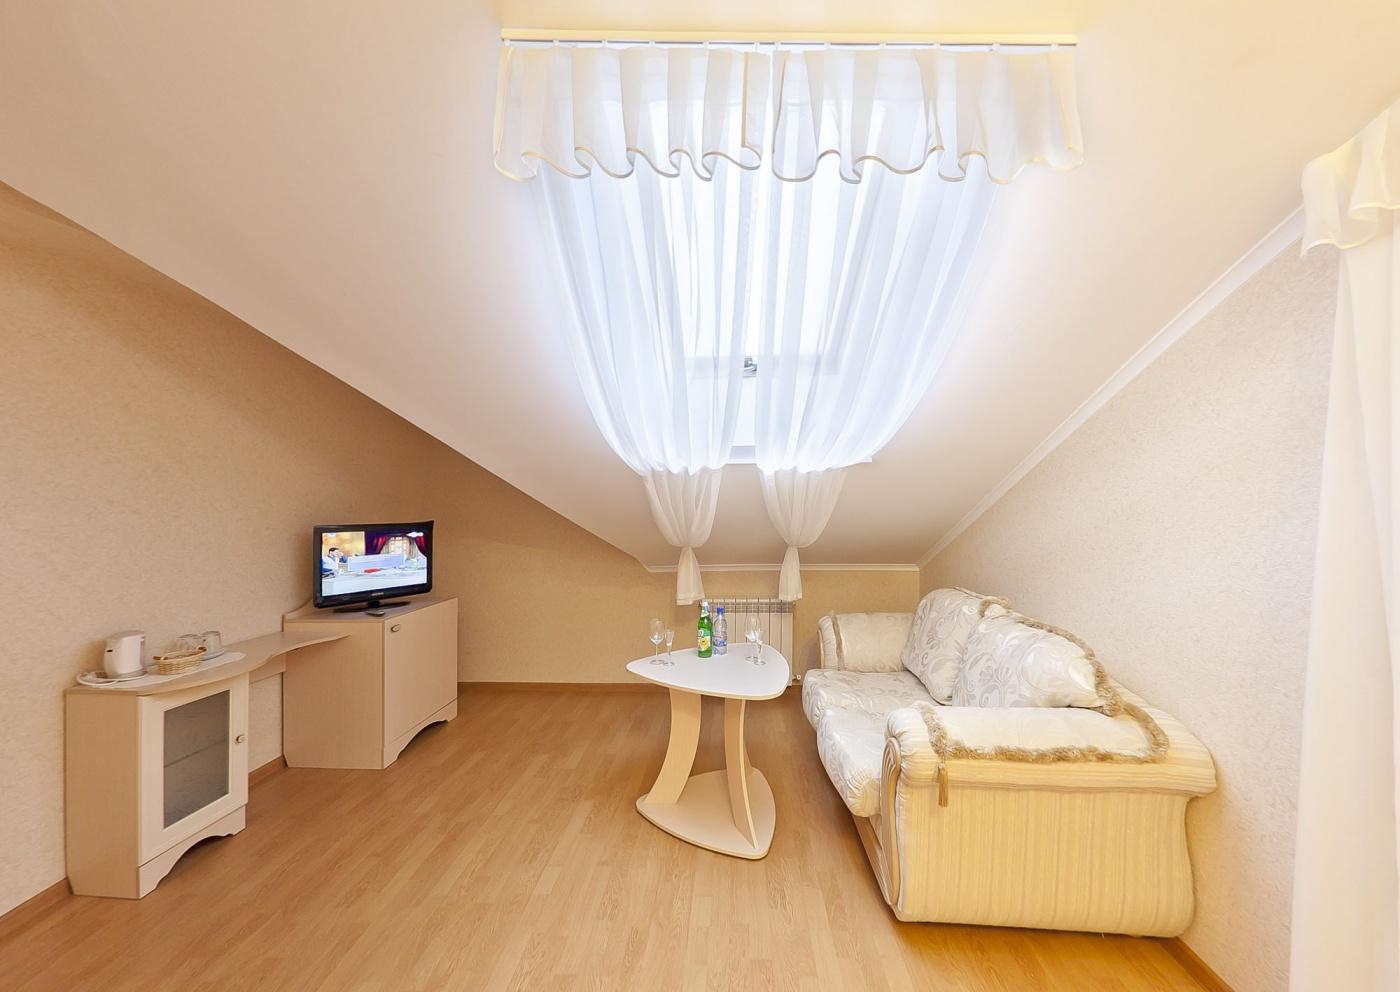 Отель «Бонжур» Краснодарский край Студия малая 2-местная, фото 3